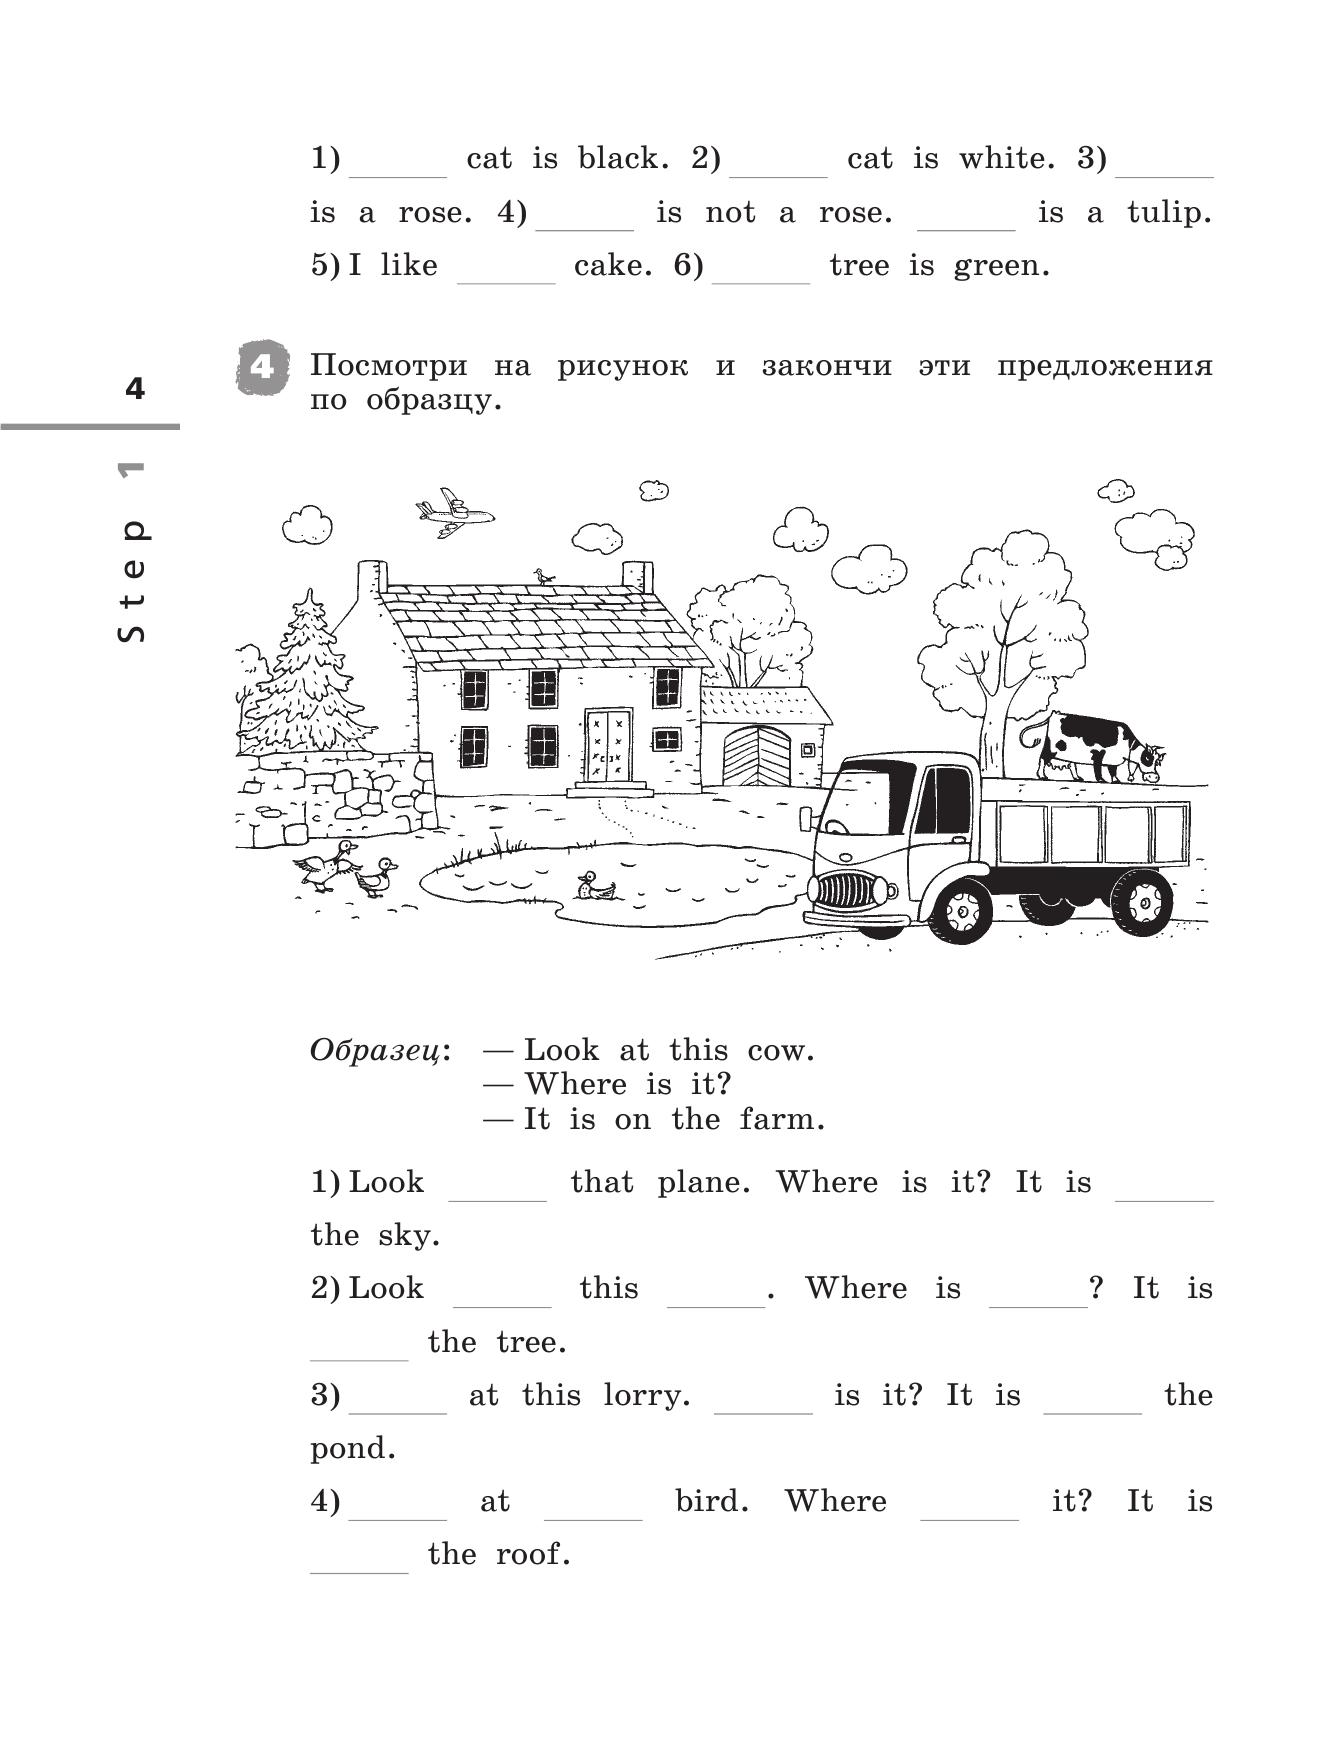 английский язык рабочая тетрадь писатель михайлова